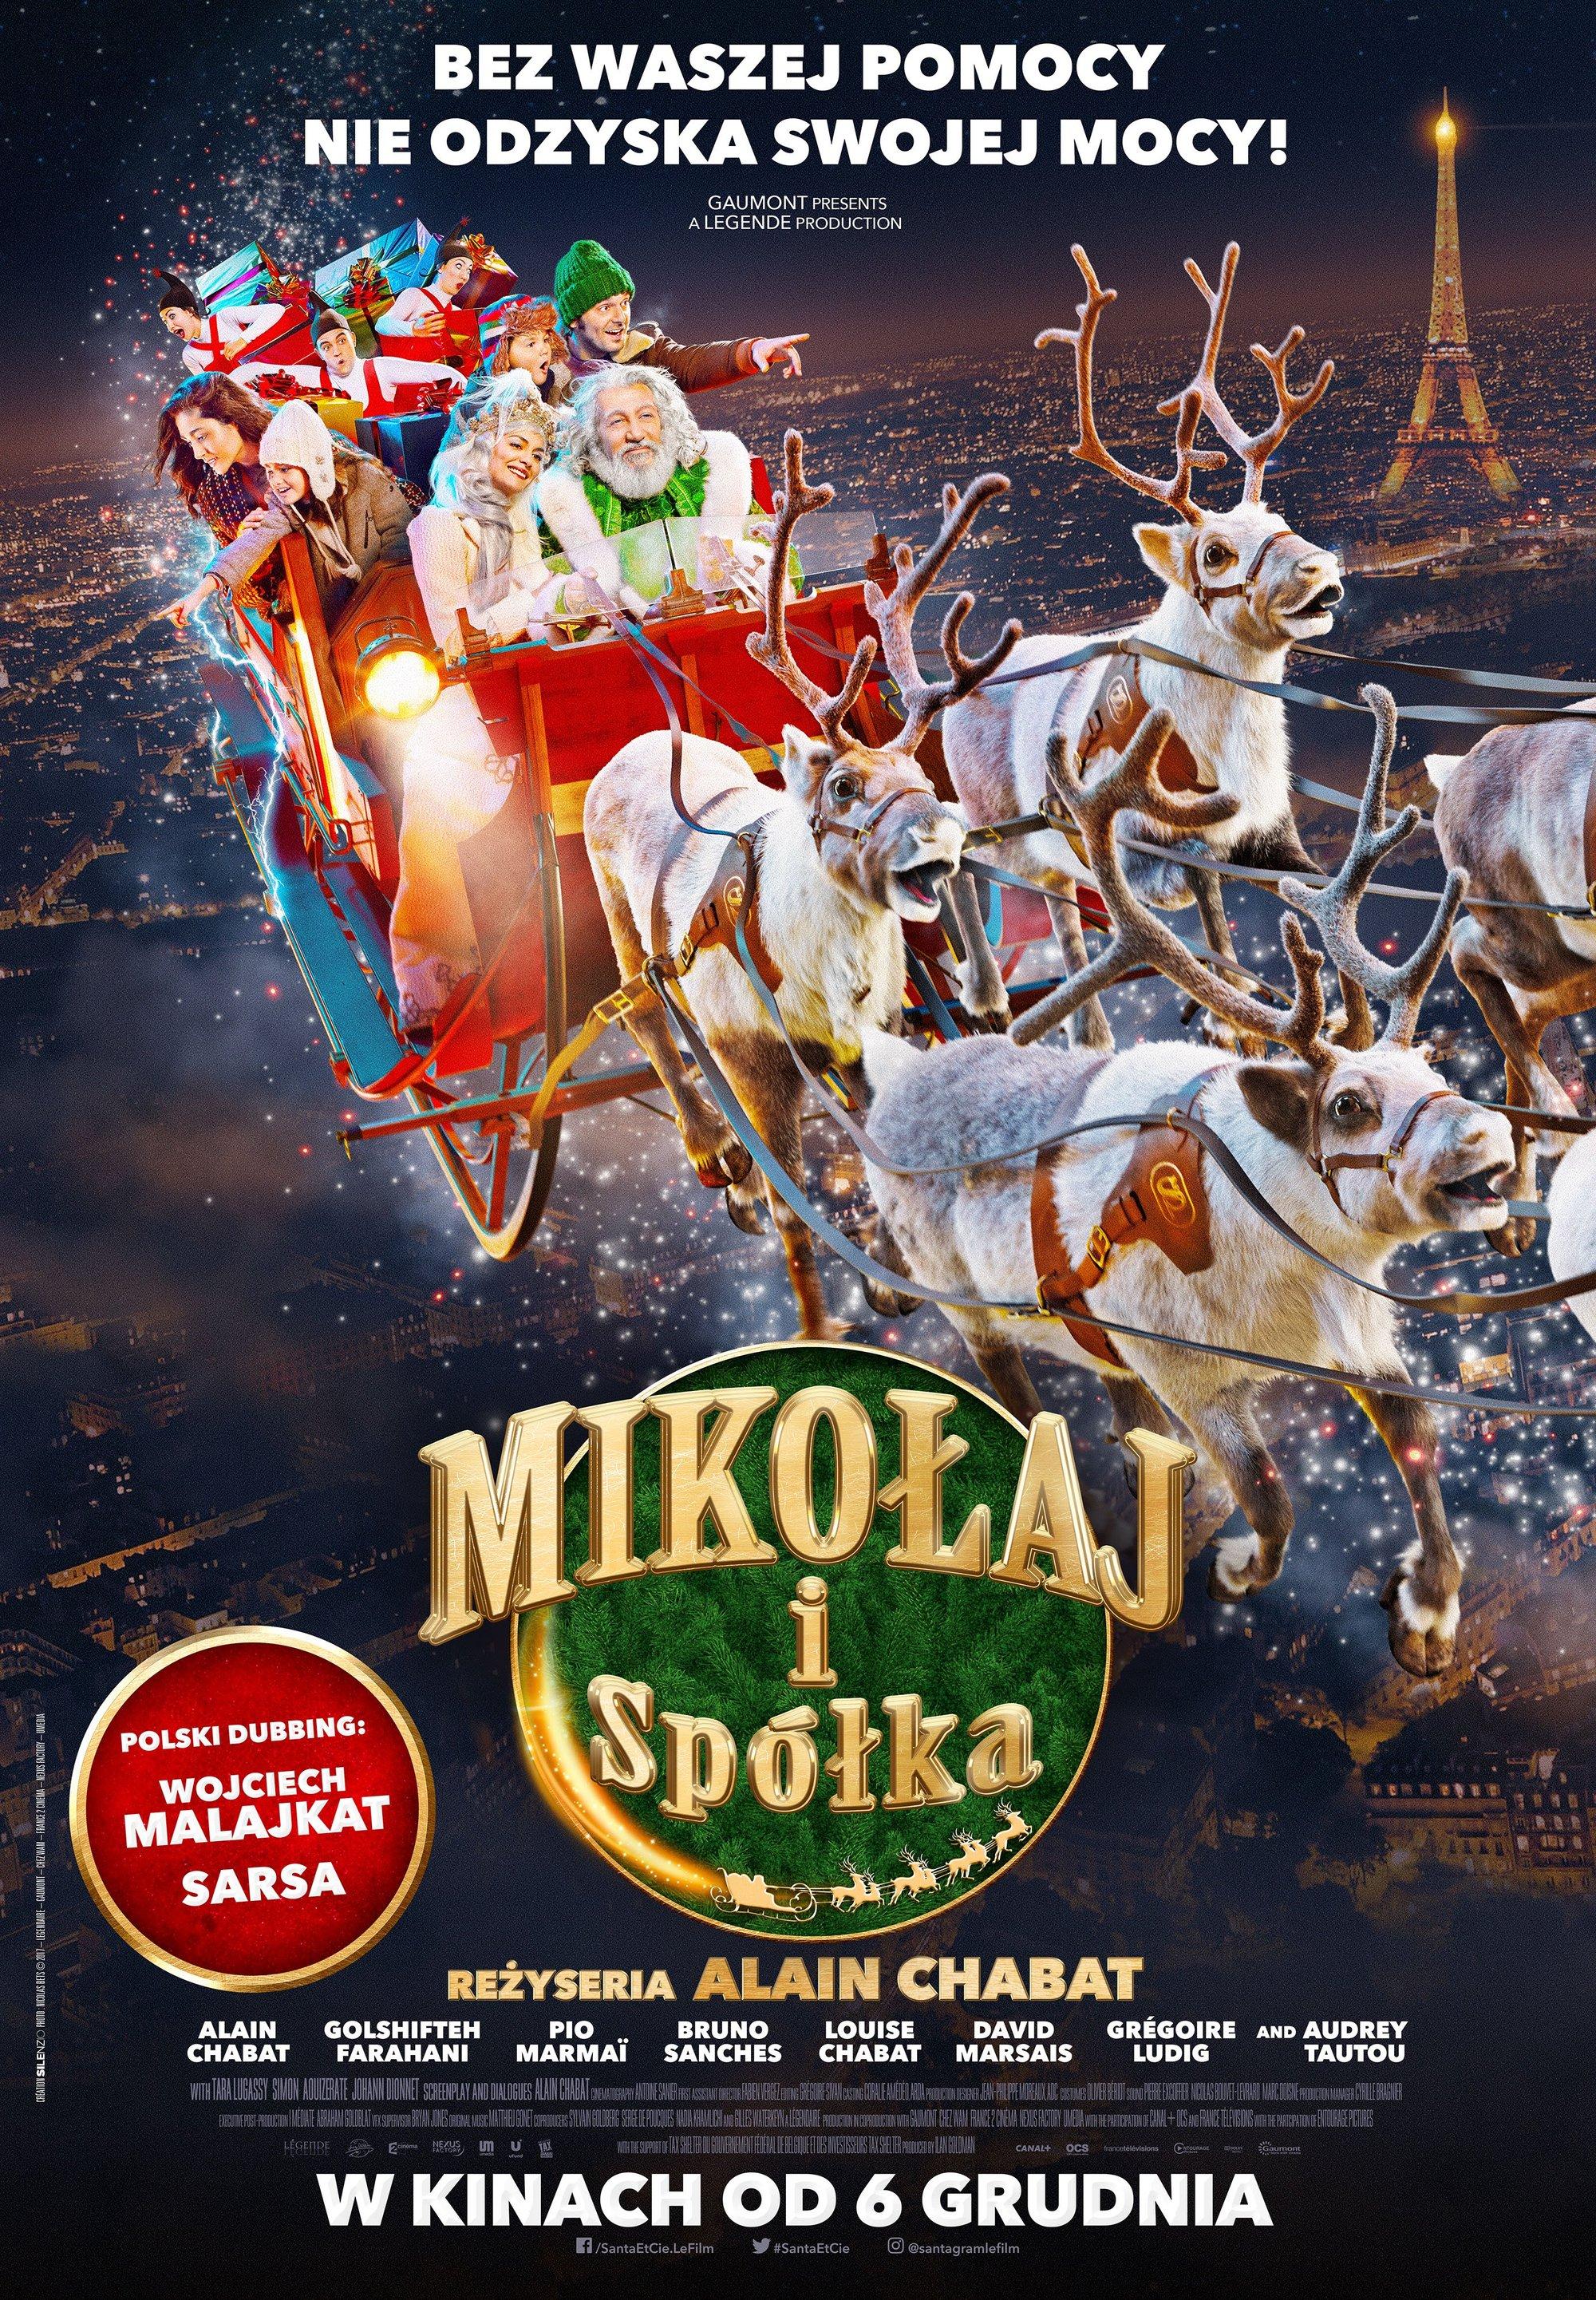 Mikołaj I Spółka 2017 Plakaty Fdb